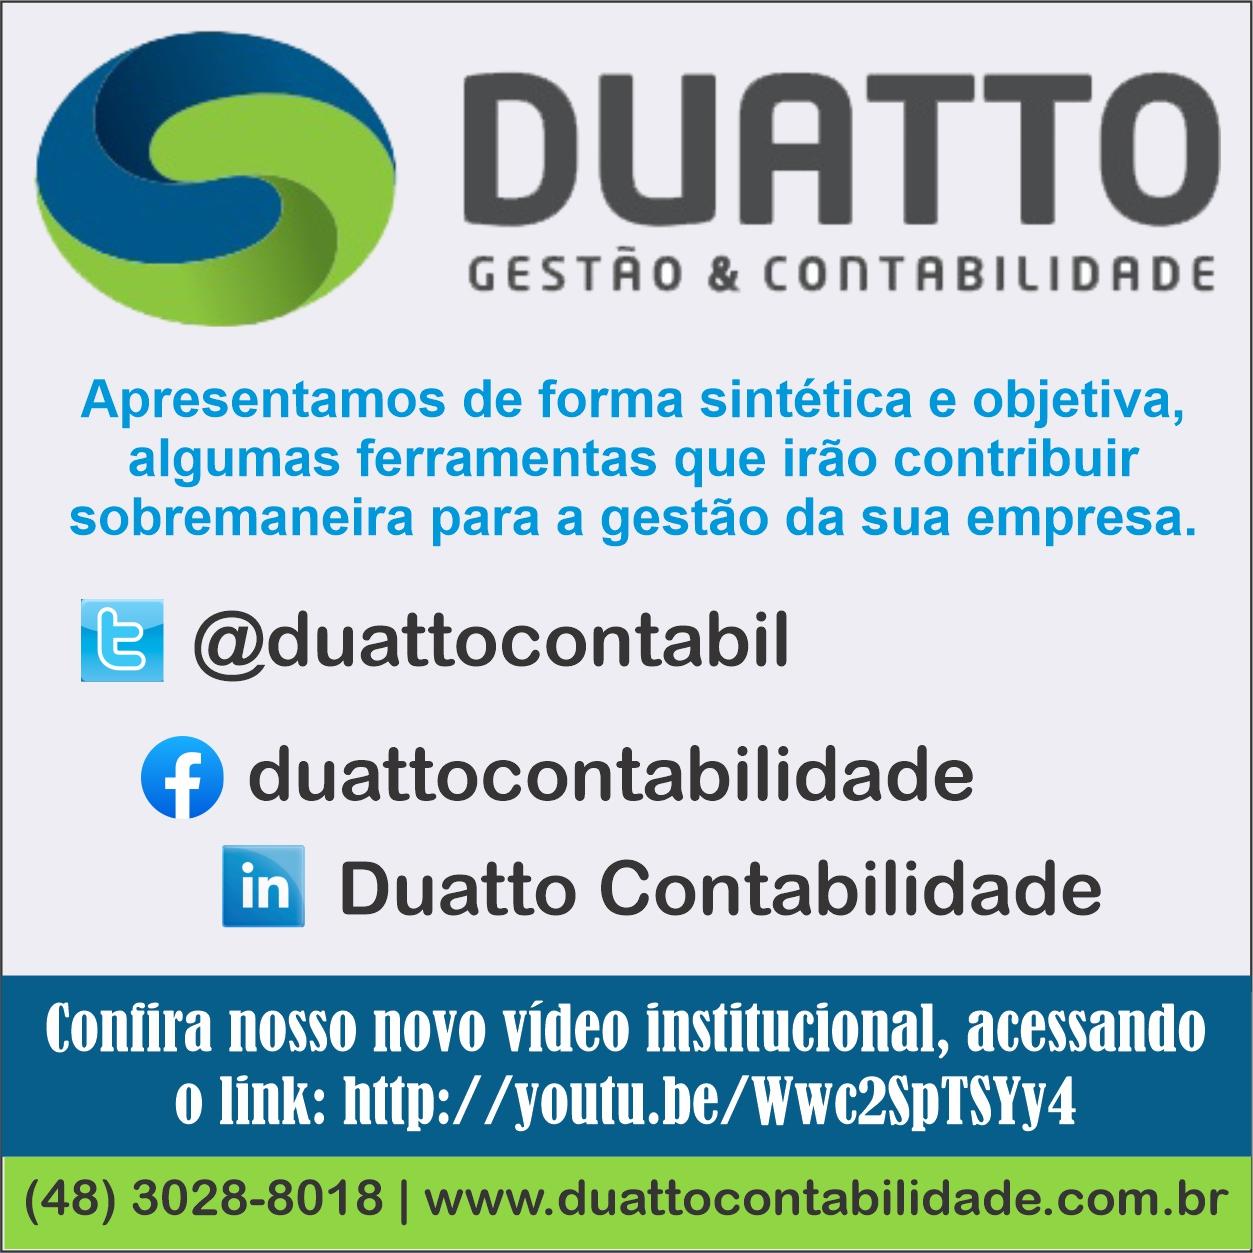 Duatto2